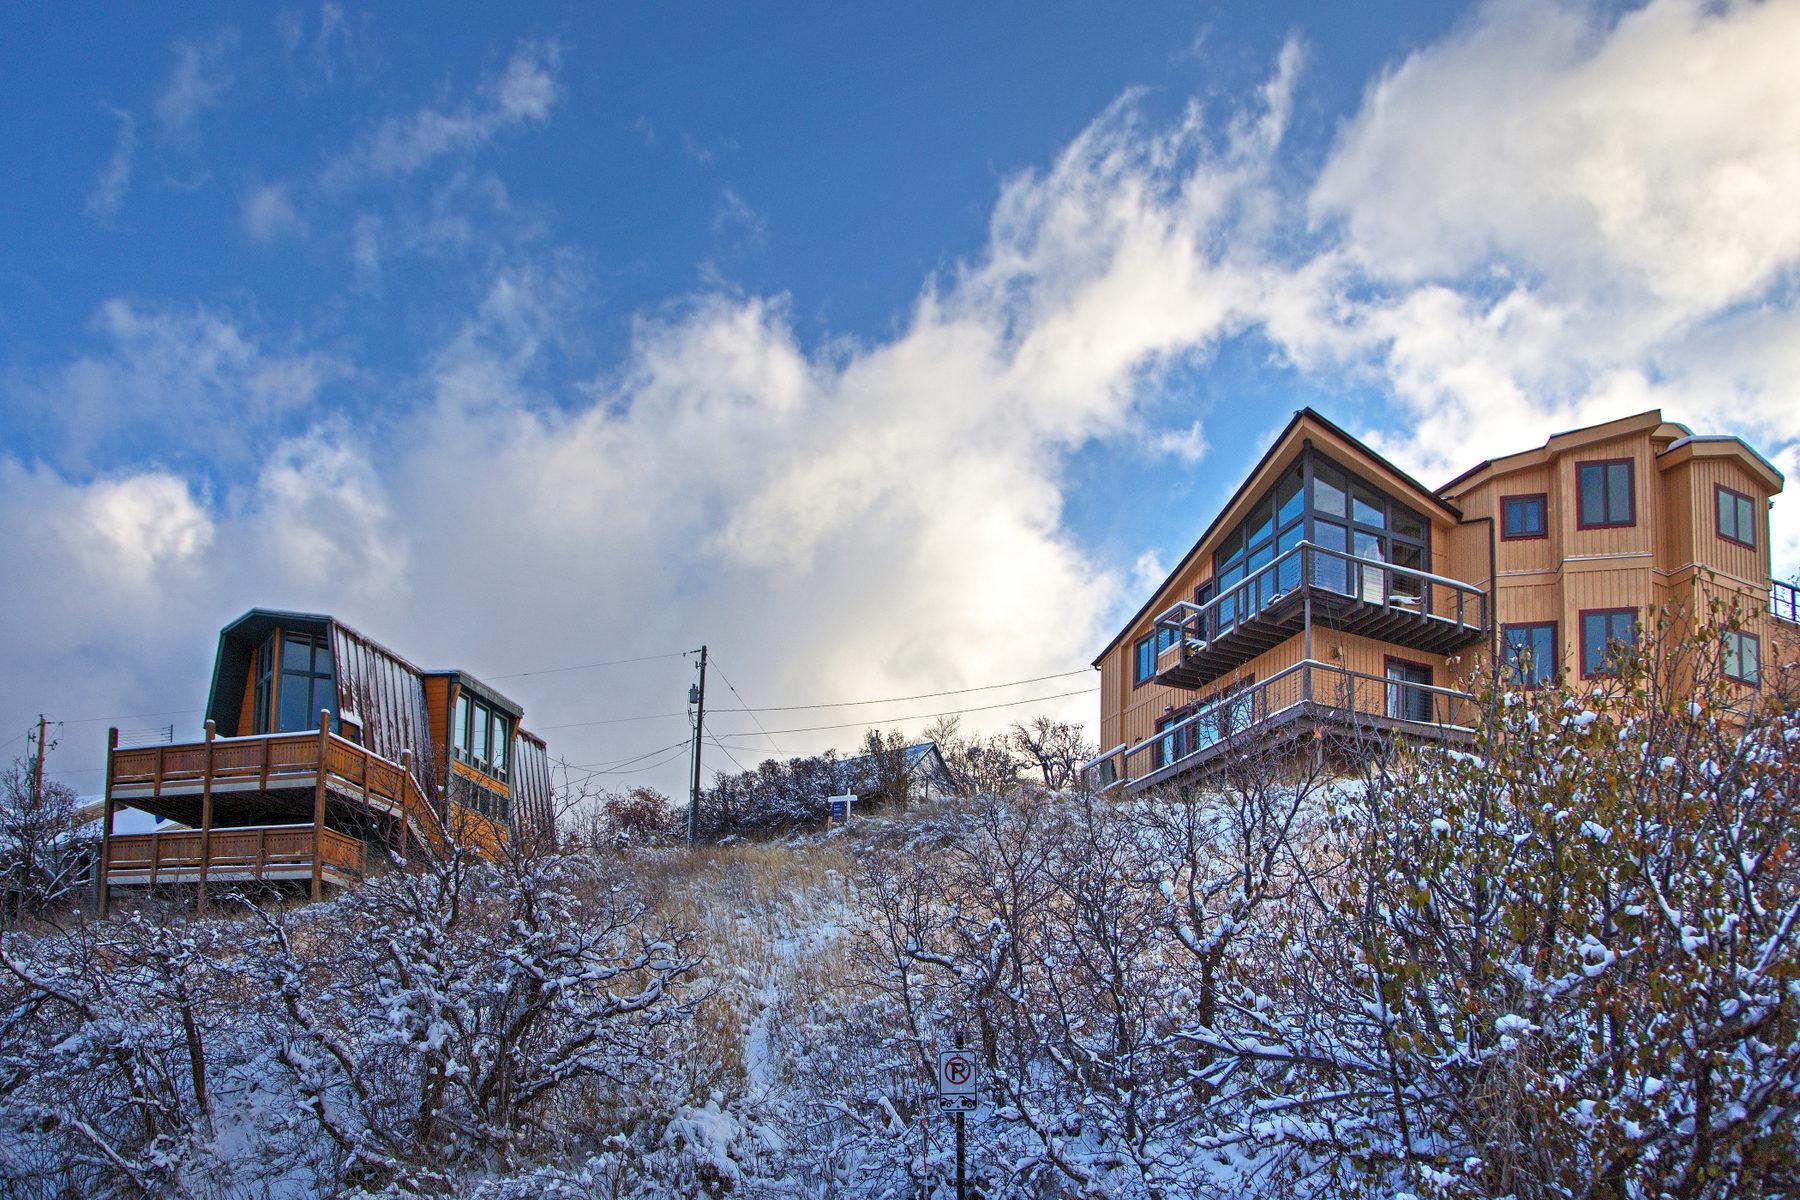 Đất đai vì Bán tại Best of the Best Old Town Homesite 253 McHenry Ave Park City, Utah 84060 Hoa Kỳ